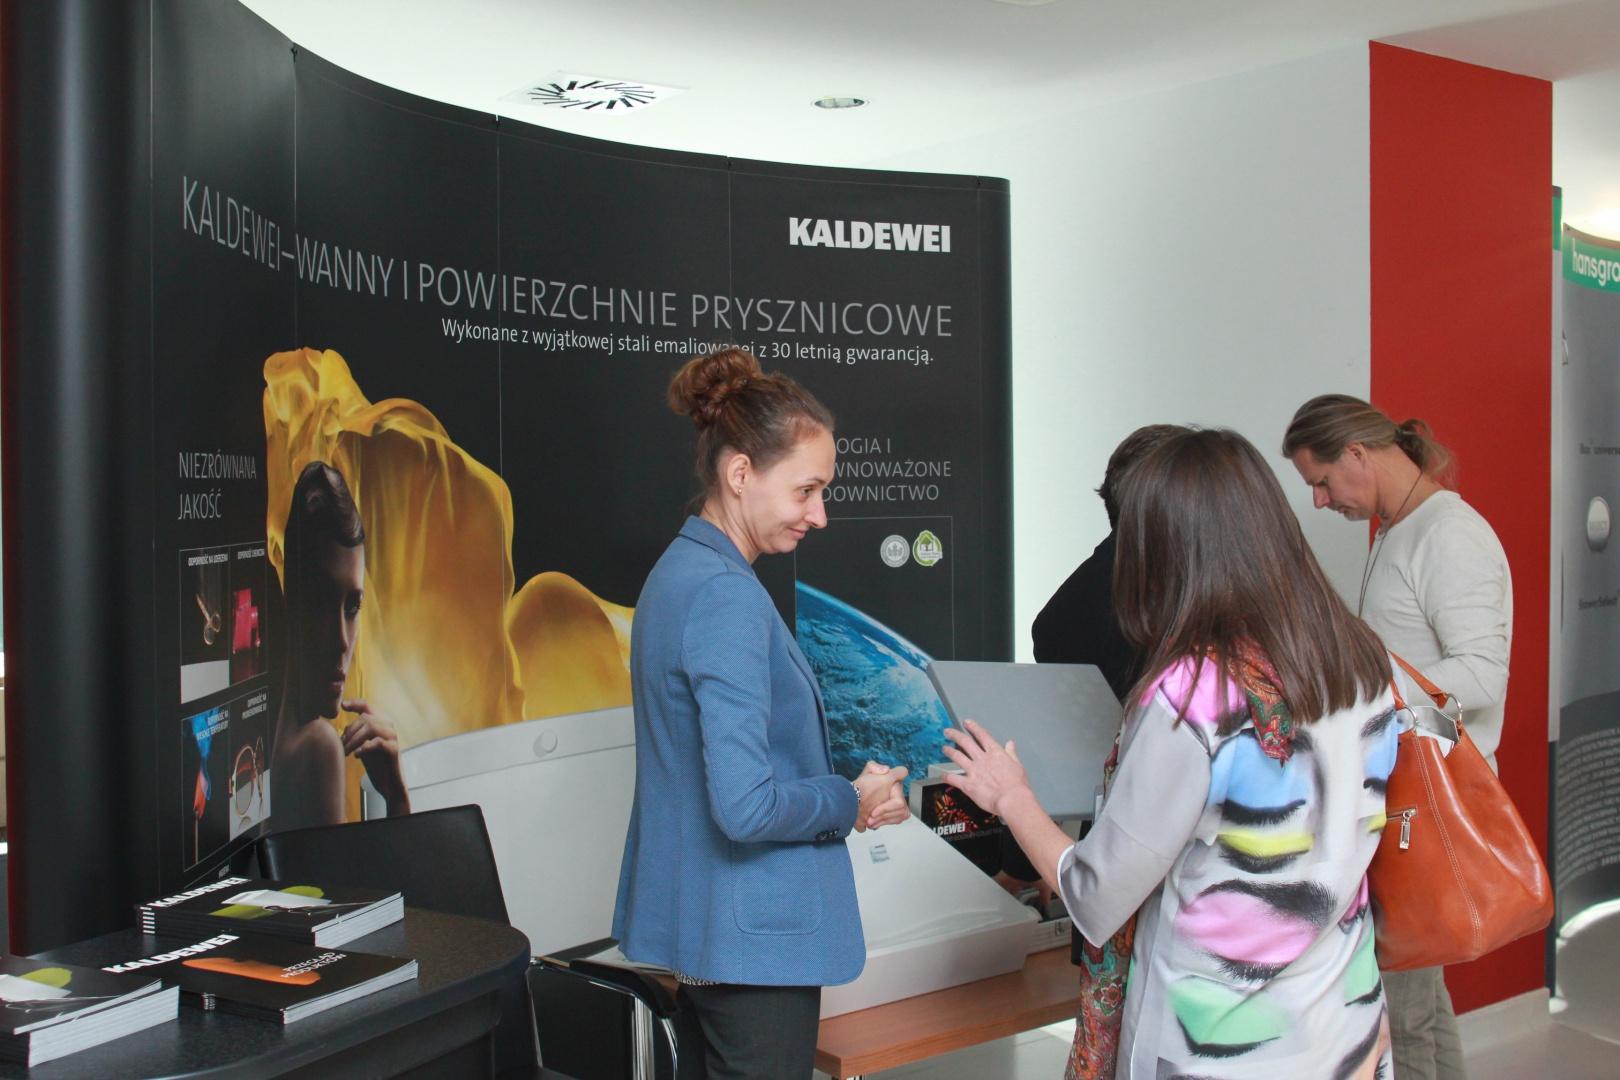 Stoisko firmy Kaldewei: na pytania architektów i projektantów wnętrz odpowiadała m.in. Eliza Antonkiewicz-Wójcik.